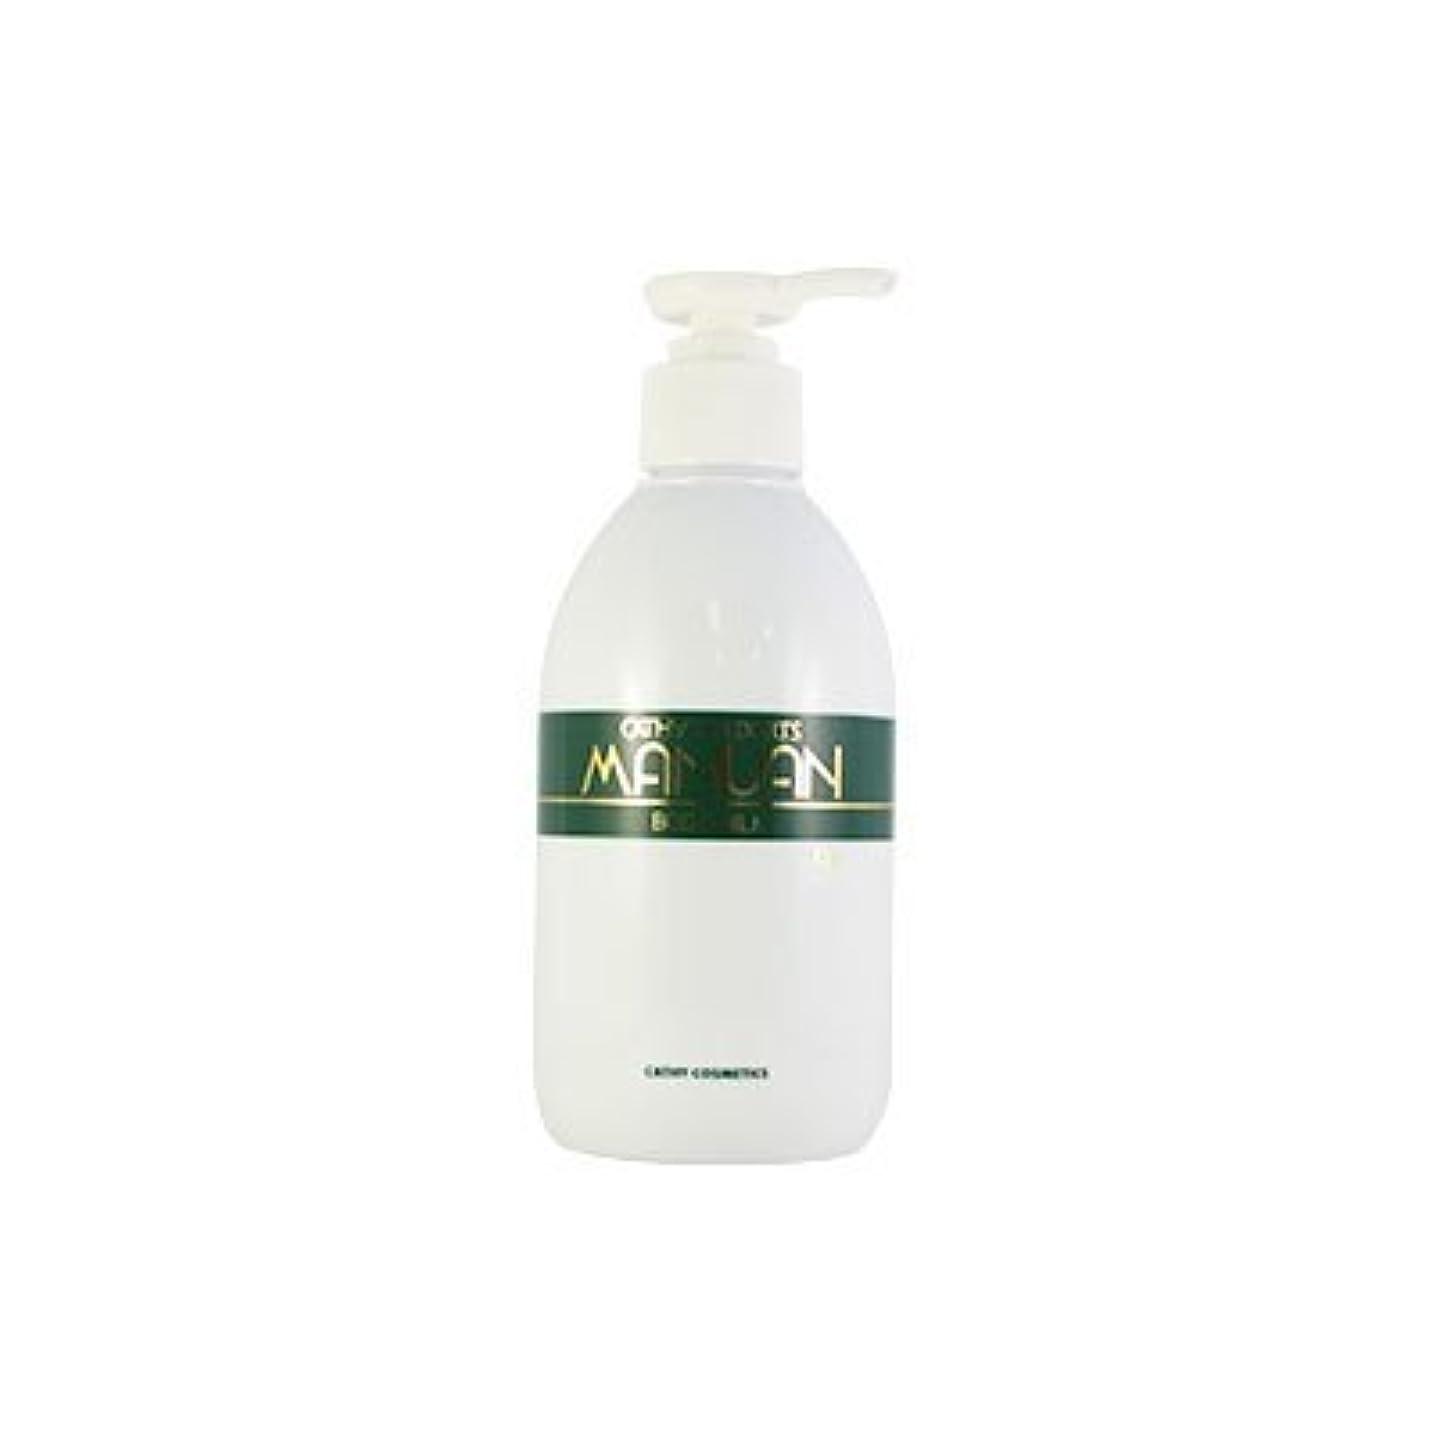 コールド効能プレフィックスカシー化粧品 (CATHY) ボザール マニュアン ボディミルク 〈ボディ用乳液〉 250mL [並行輸入品]